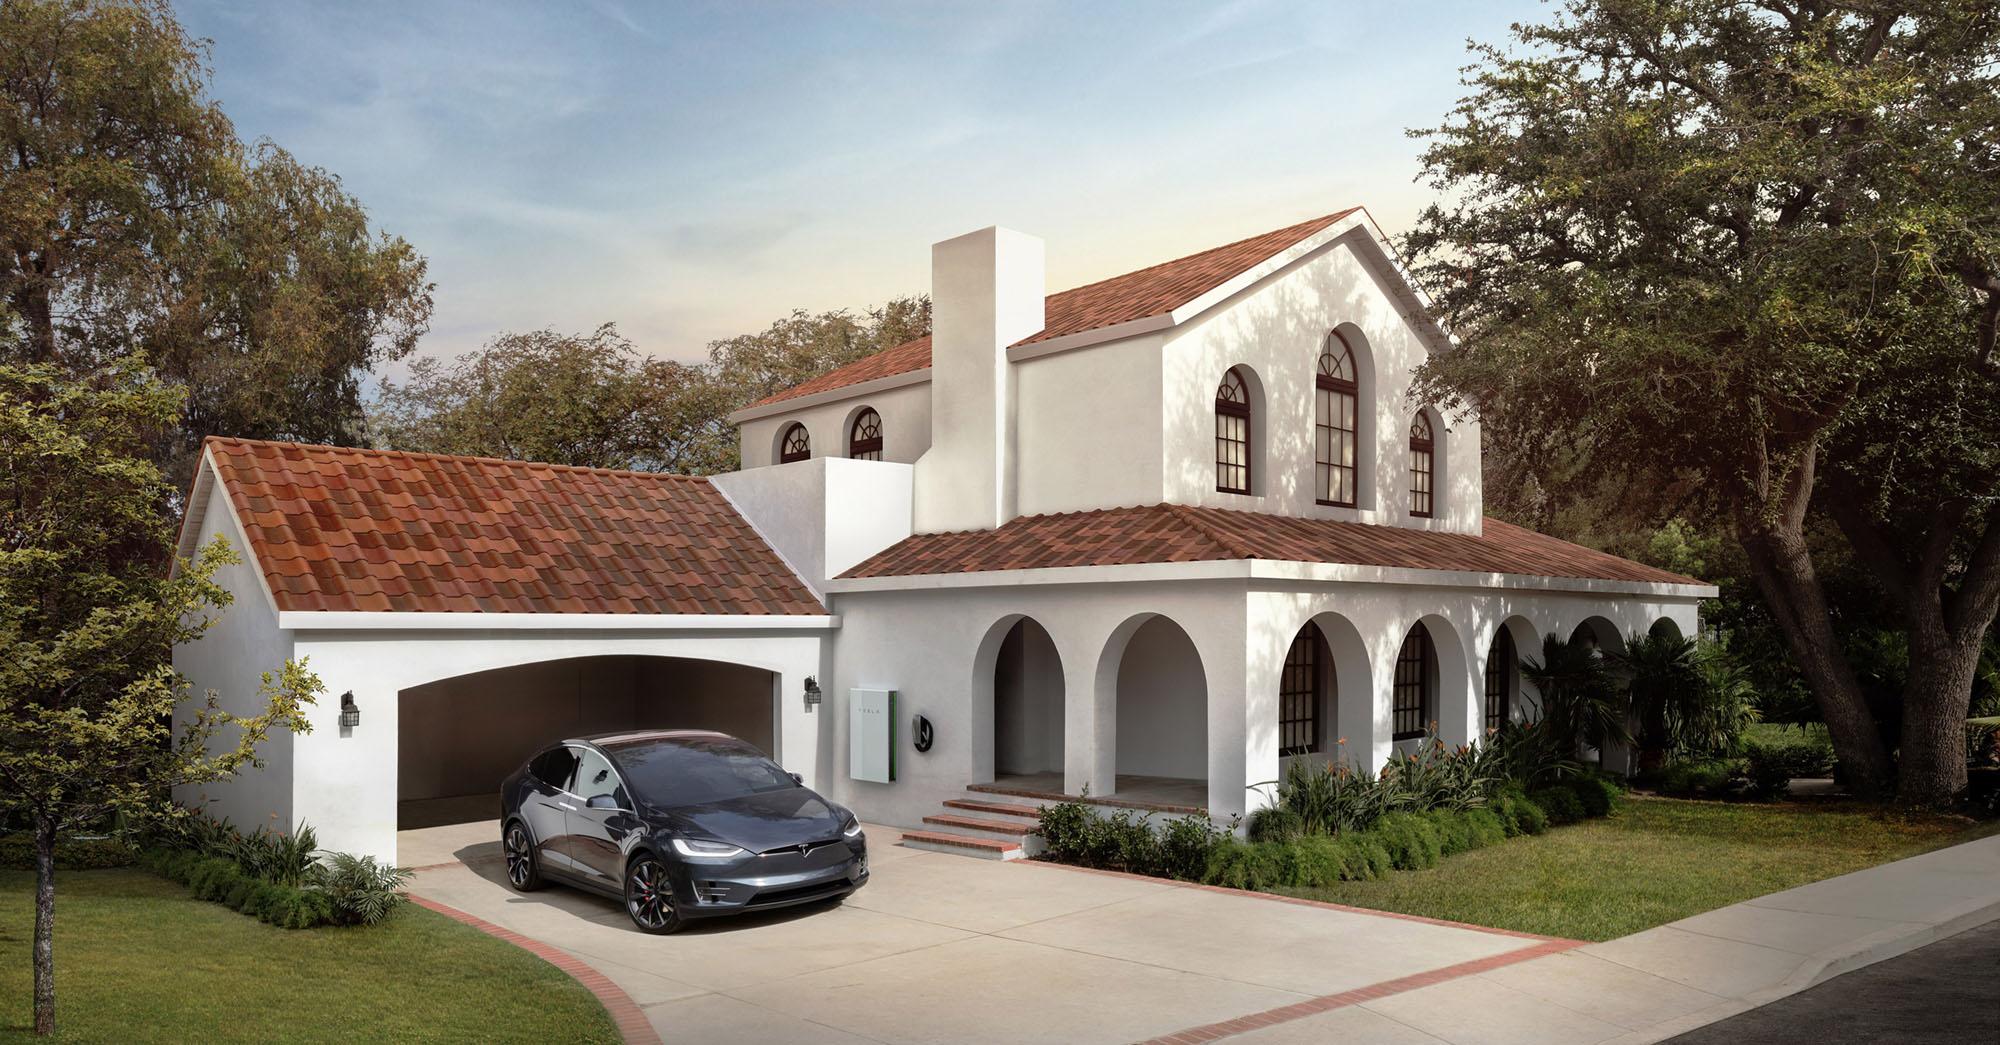 Новости  Hi Tech: цена на солнечные крыши на Илона Маска способна зажечь рынок солнечной энергии.